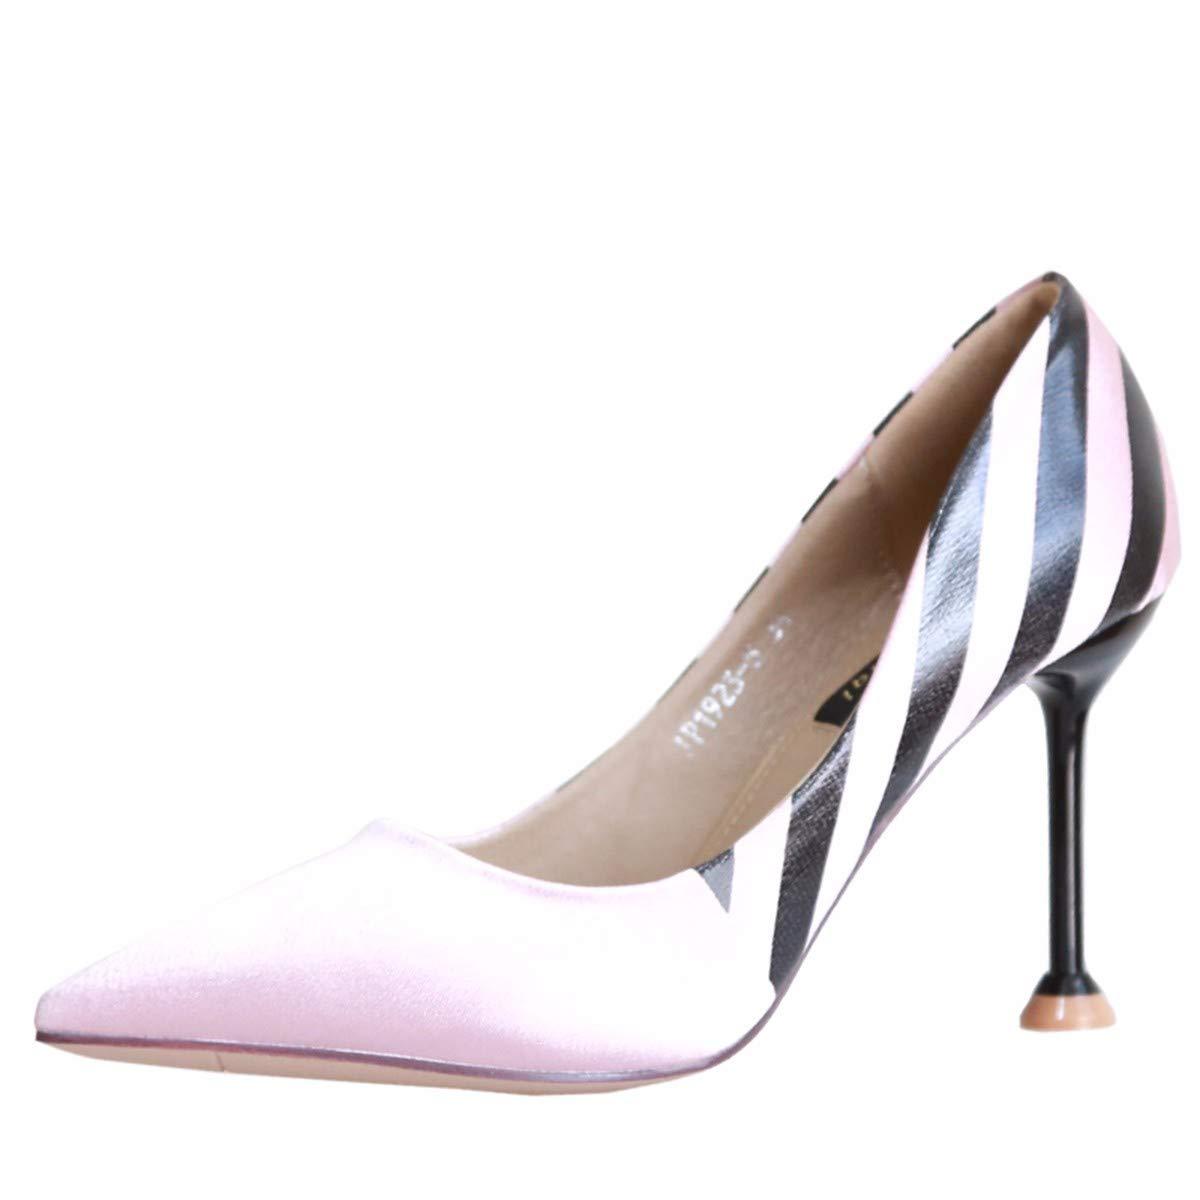 KPHY Damenschuhe/Herbst Gut Mit 9Cm Hochhackige Schuhe Sexy Farben Damenschuhe Starken Starken Damenschuhe Kopf Flach Mund Temperament Schuhe.36 Pink- 11fd07